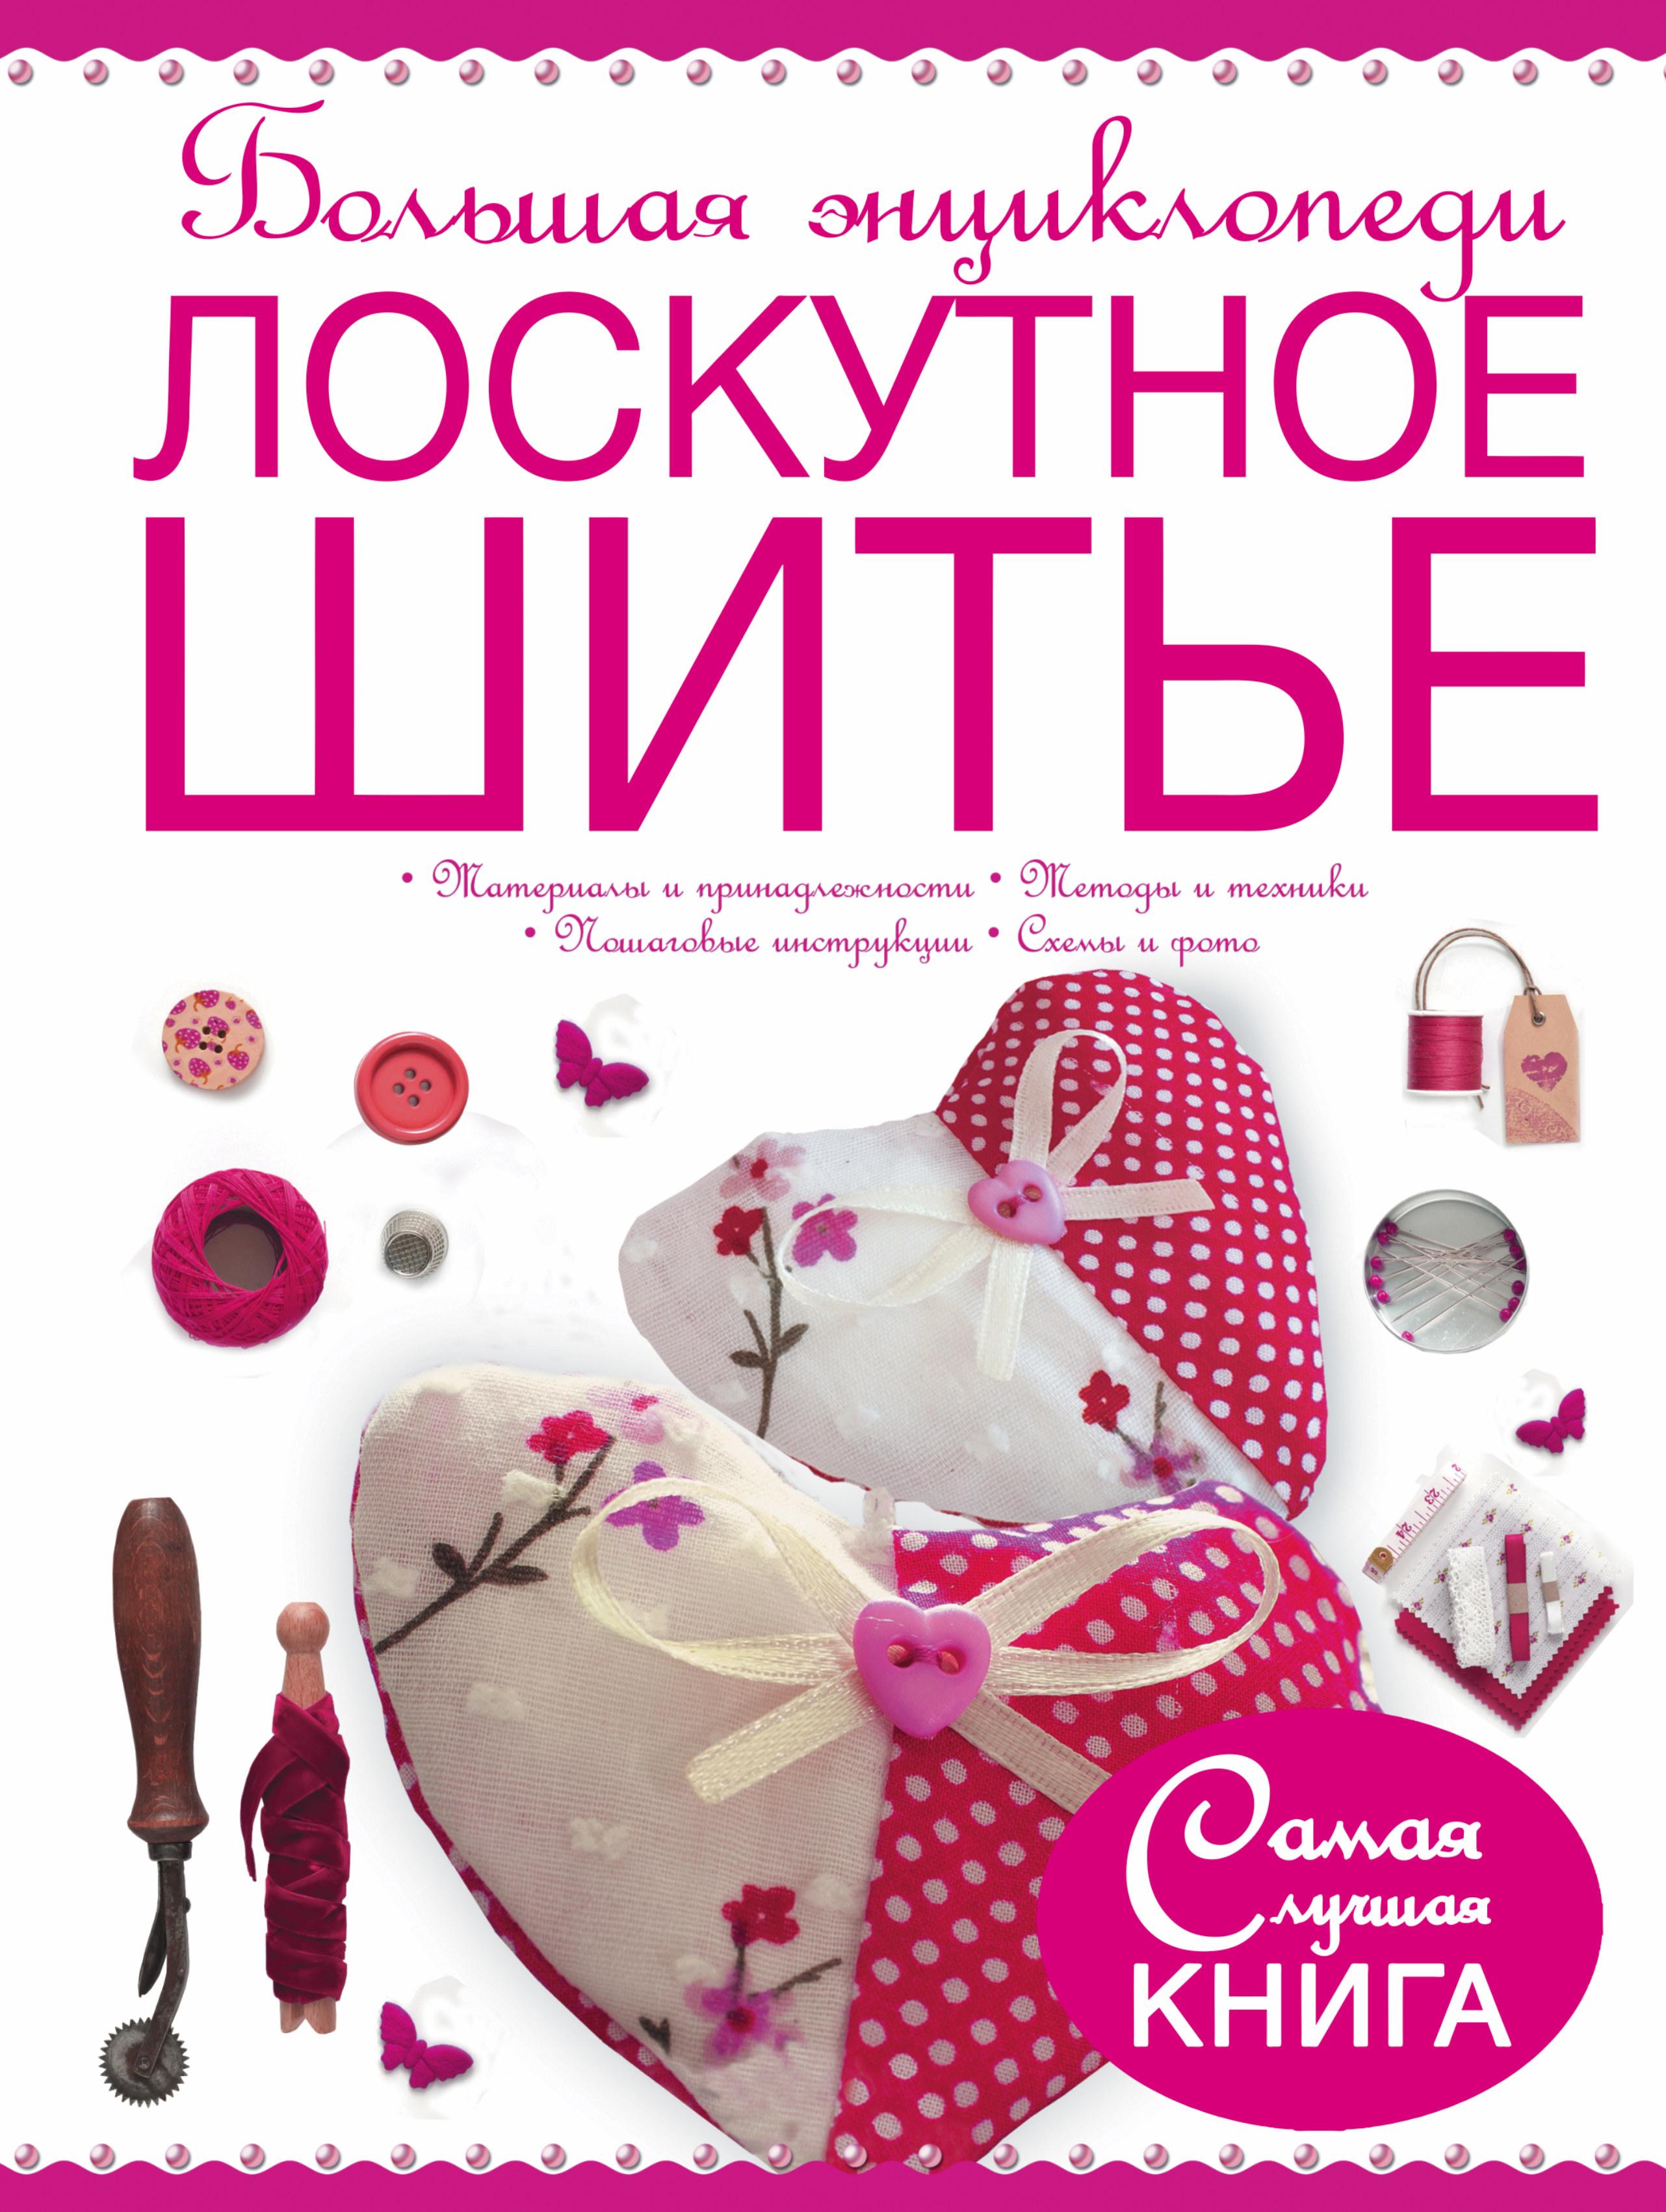 Большая энциклопедия. Лоскутное шитье ( Чернышева Л.А.  )